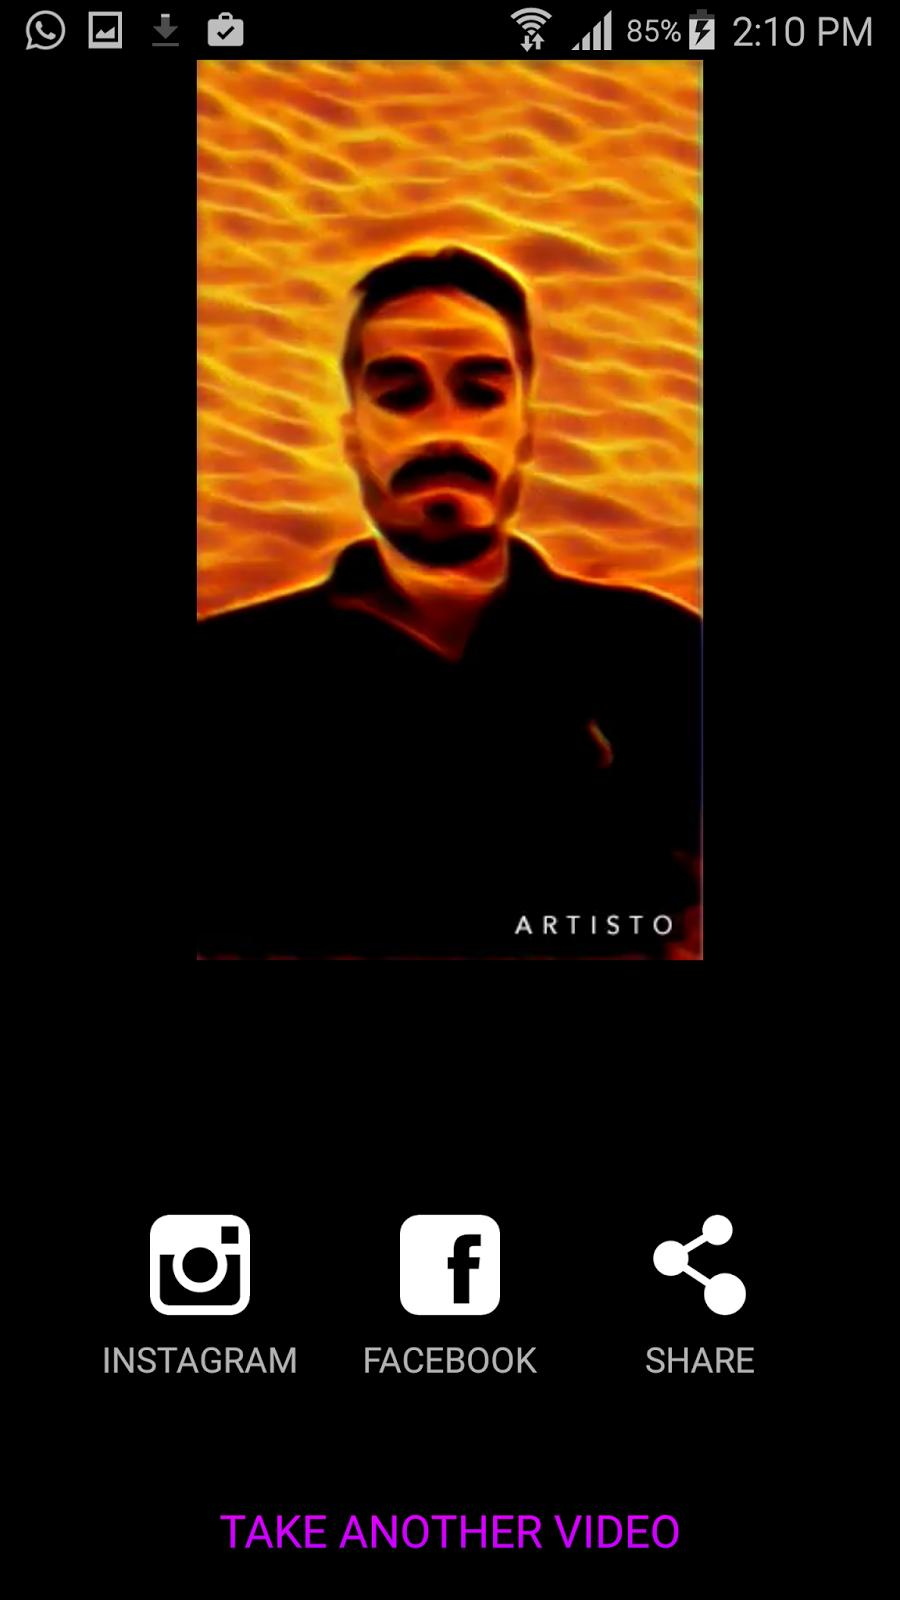 تطبيق Artisto لاضافة تأثيرات والوان اللوحات الفنية للفيديو | بحرية درويد